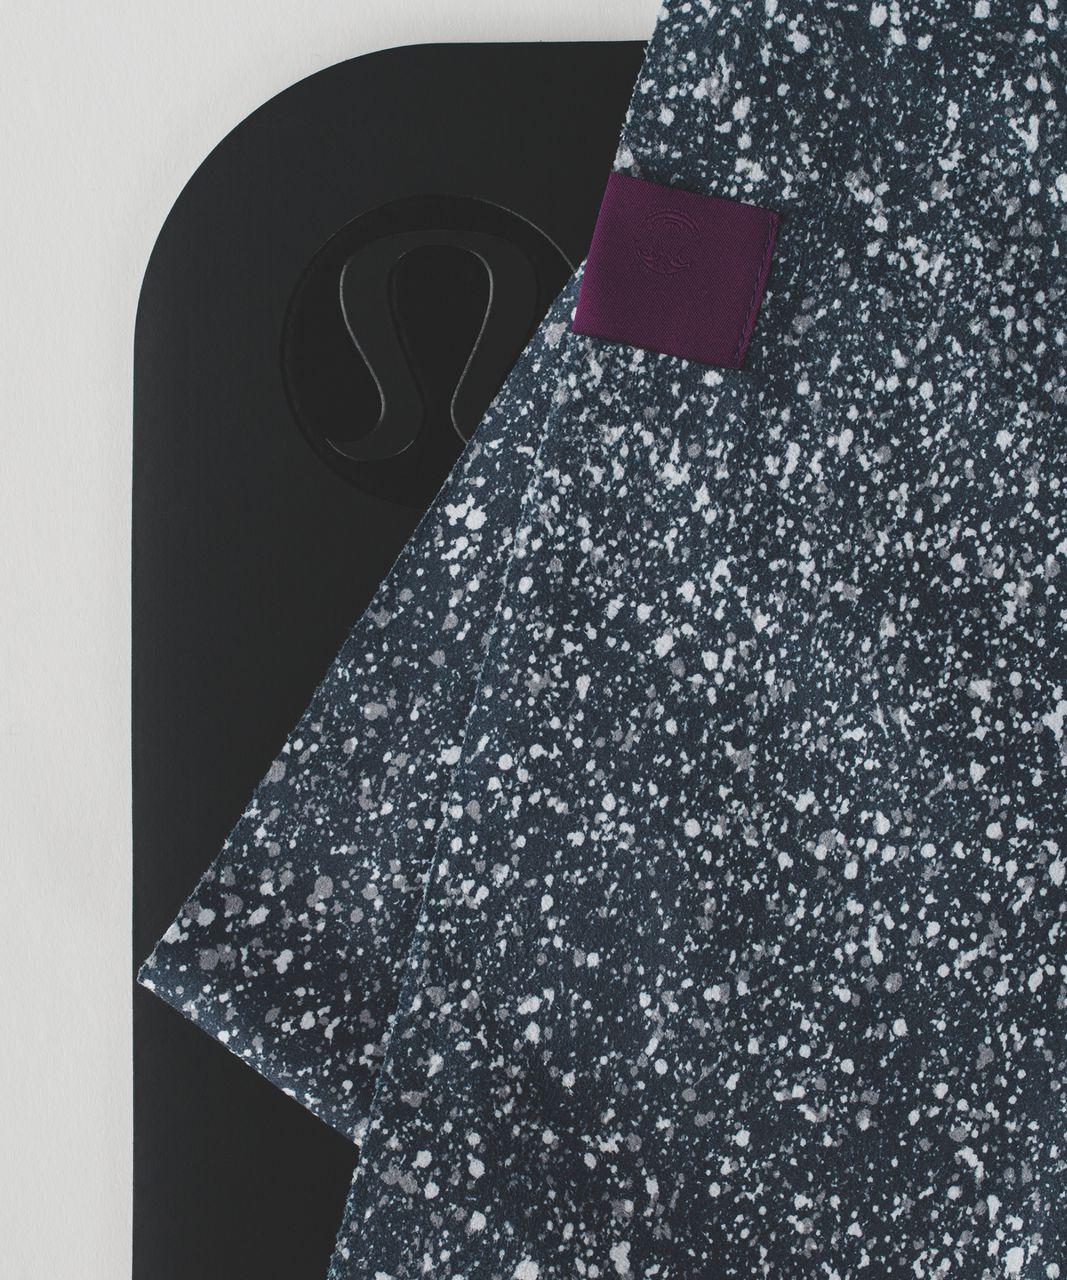 Lululemon The (Small) Towel - Splatter Alpine White Black